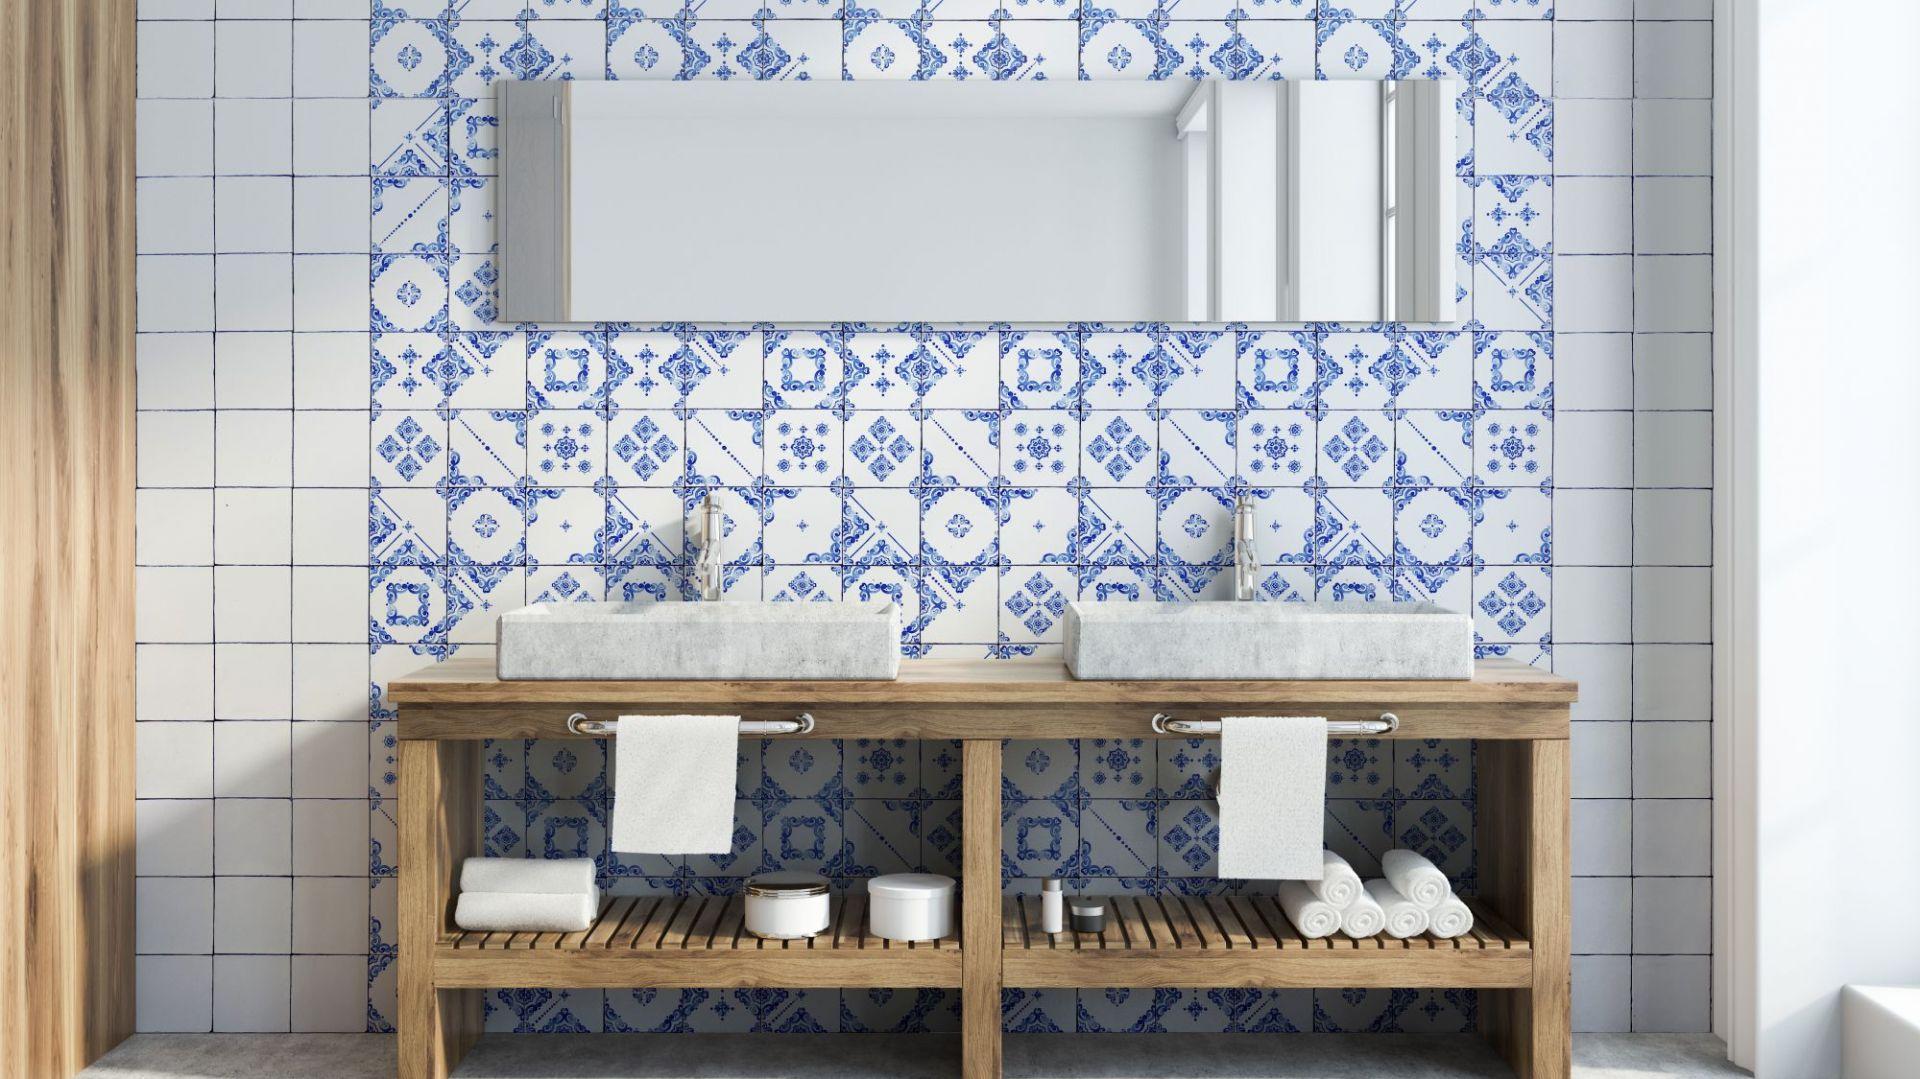 Nowoczesna łazienka. 30 pięknych kolekcji płytek ceramicznych. Fot. Lifeceramica